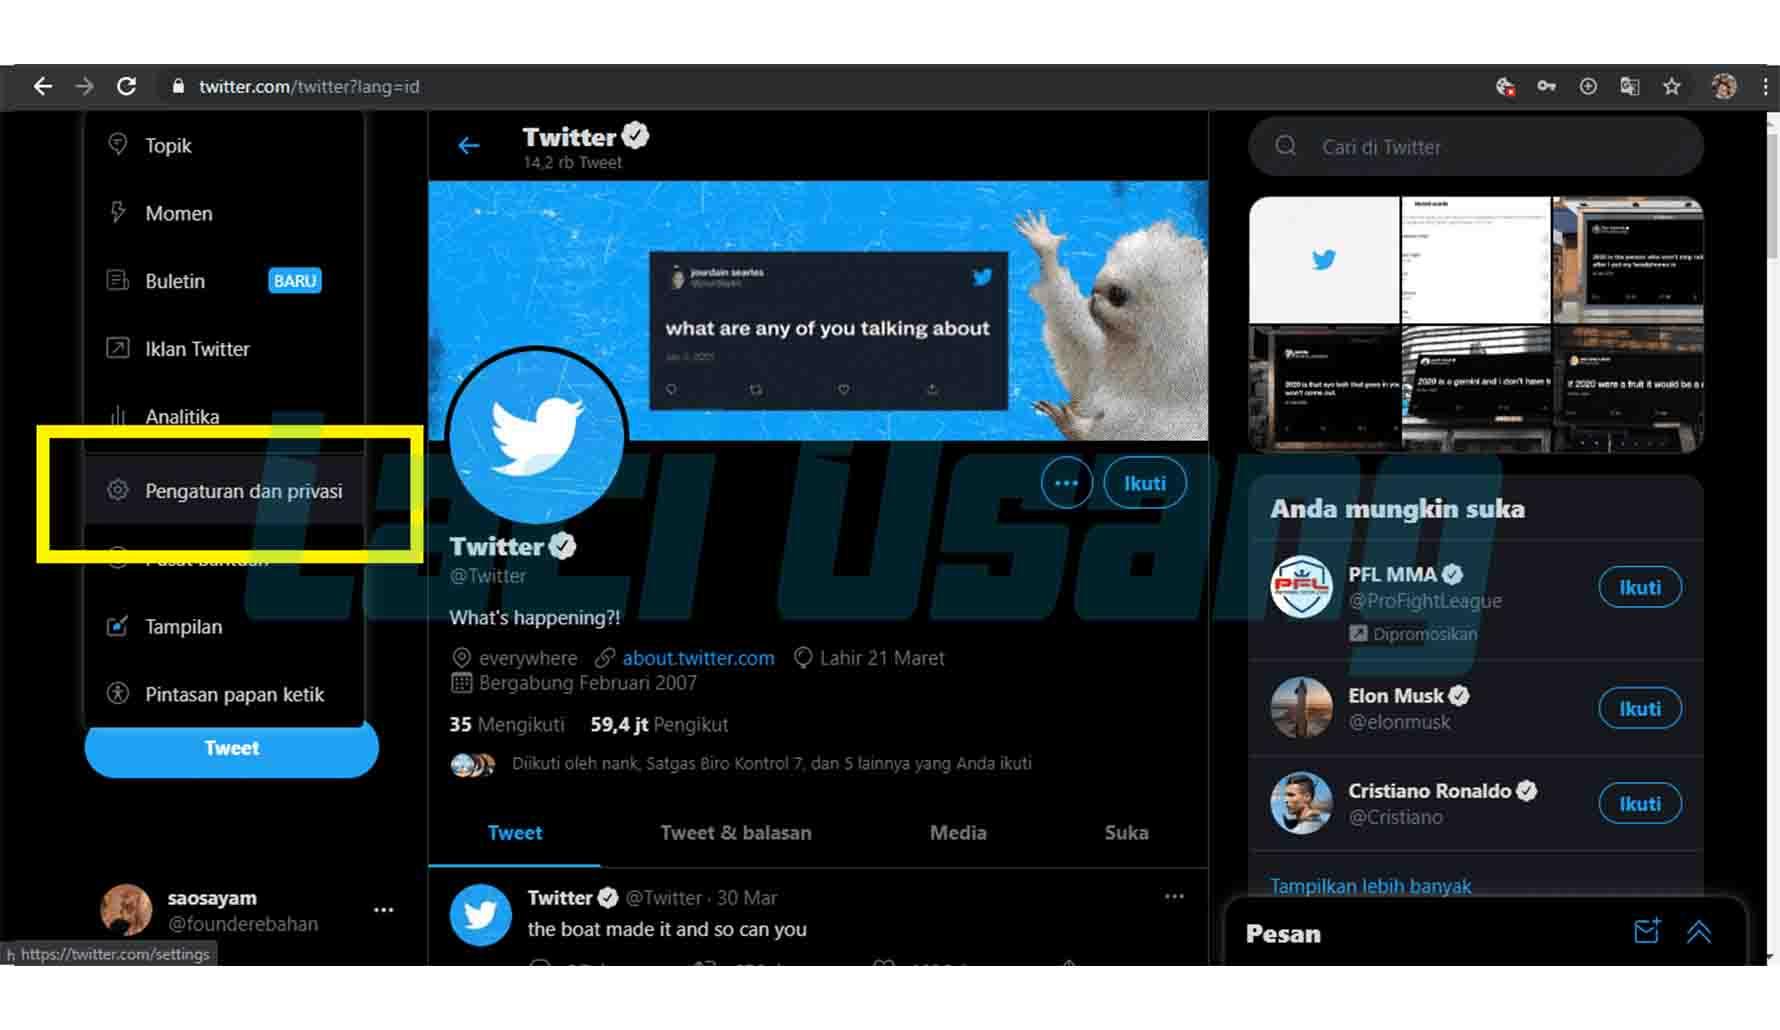 cara menghapus akun twitter di laptop